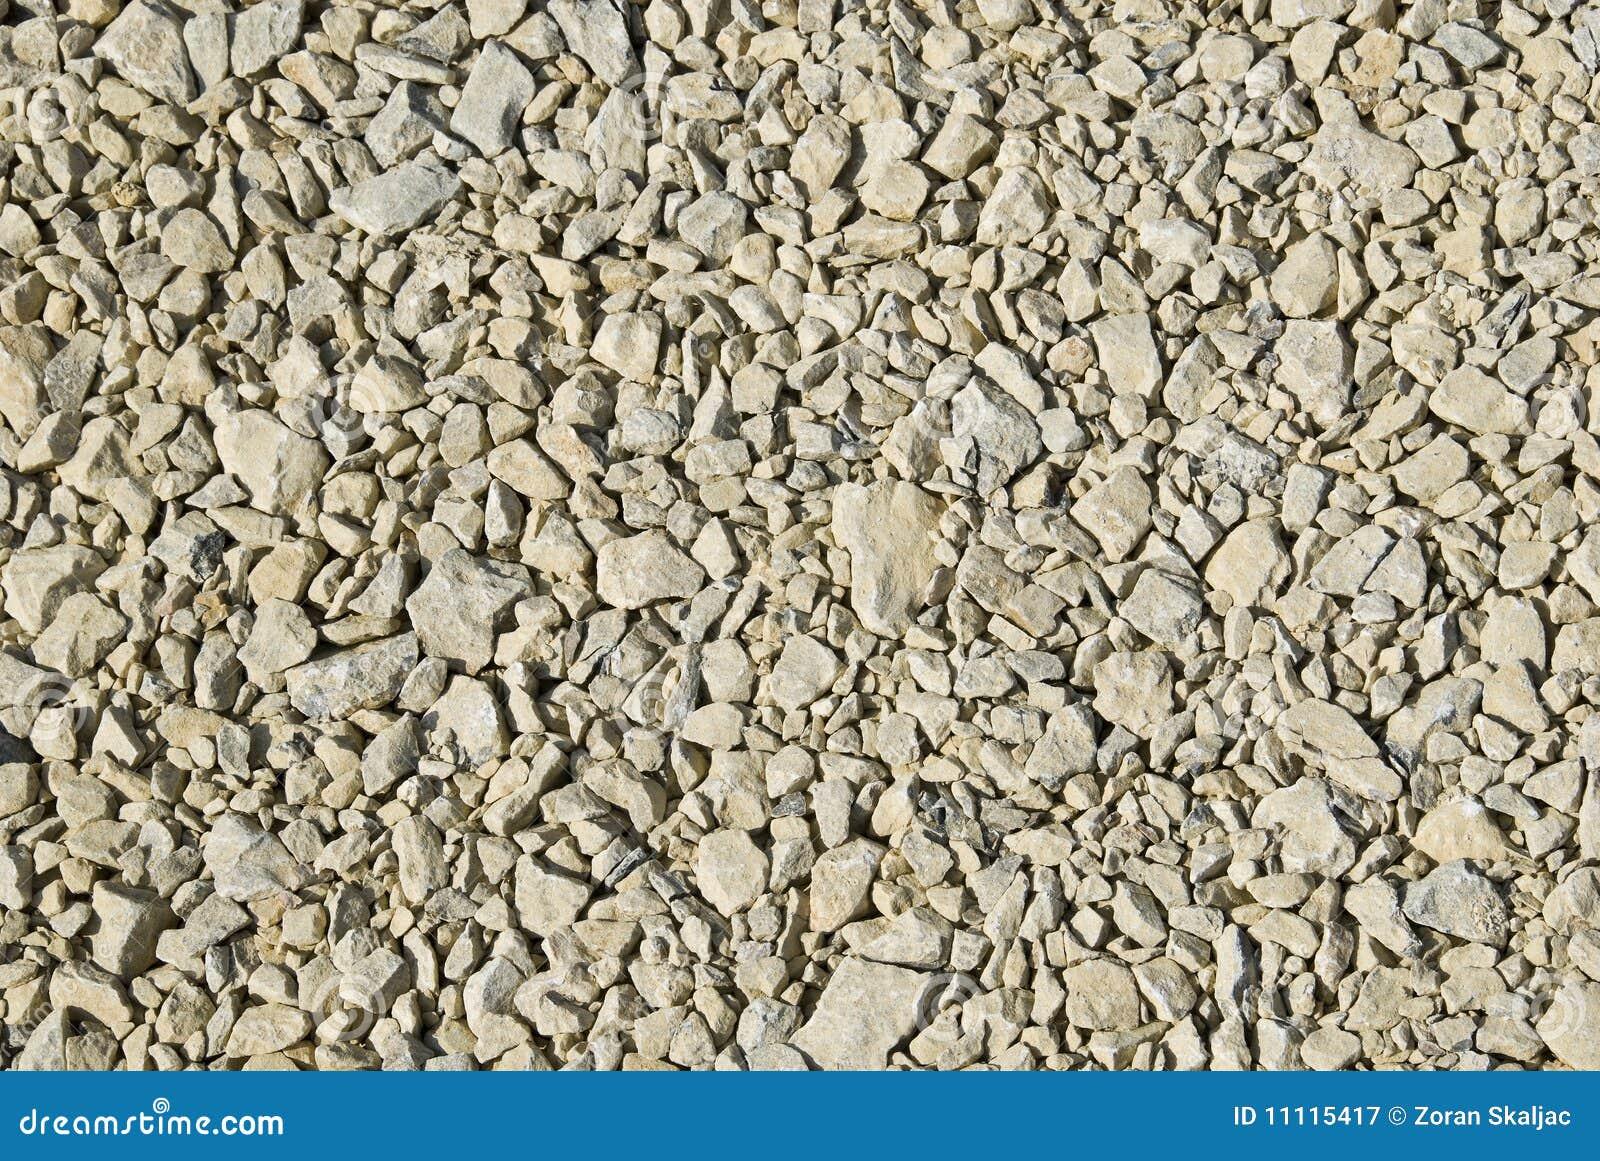 αμμοχάλικο